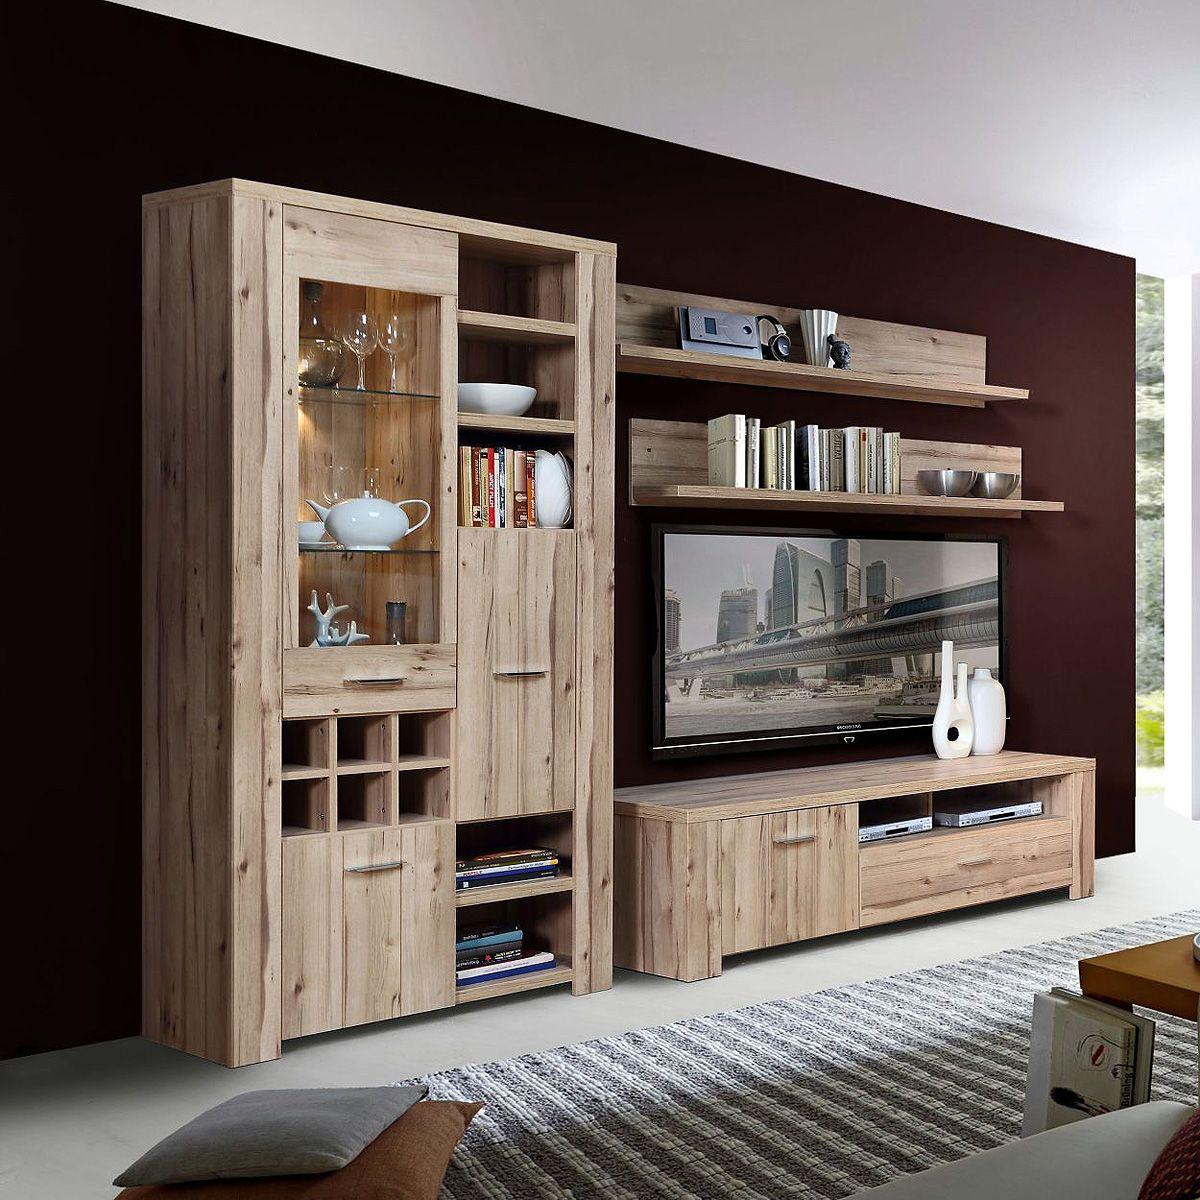 Ebay Angebot Wohnwand Cubana Anbauwand Wohnzimmer Wohnzimmerkombi In Planked EicheIhr QuickBerater